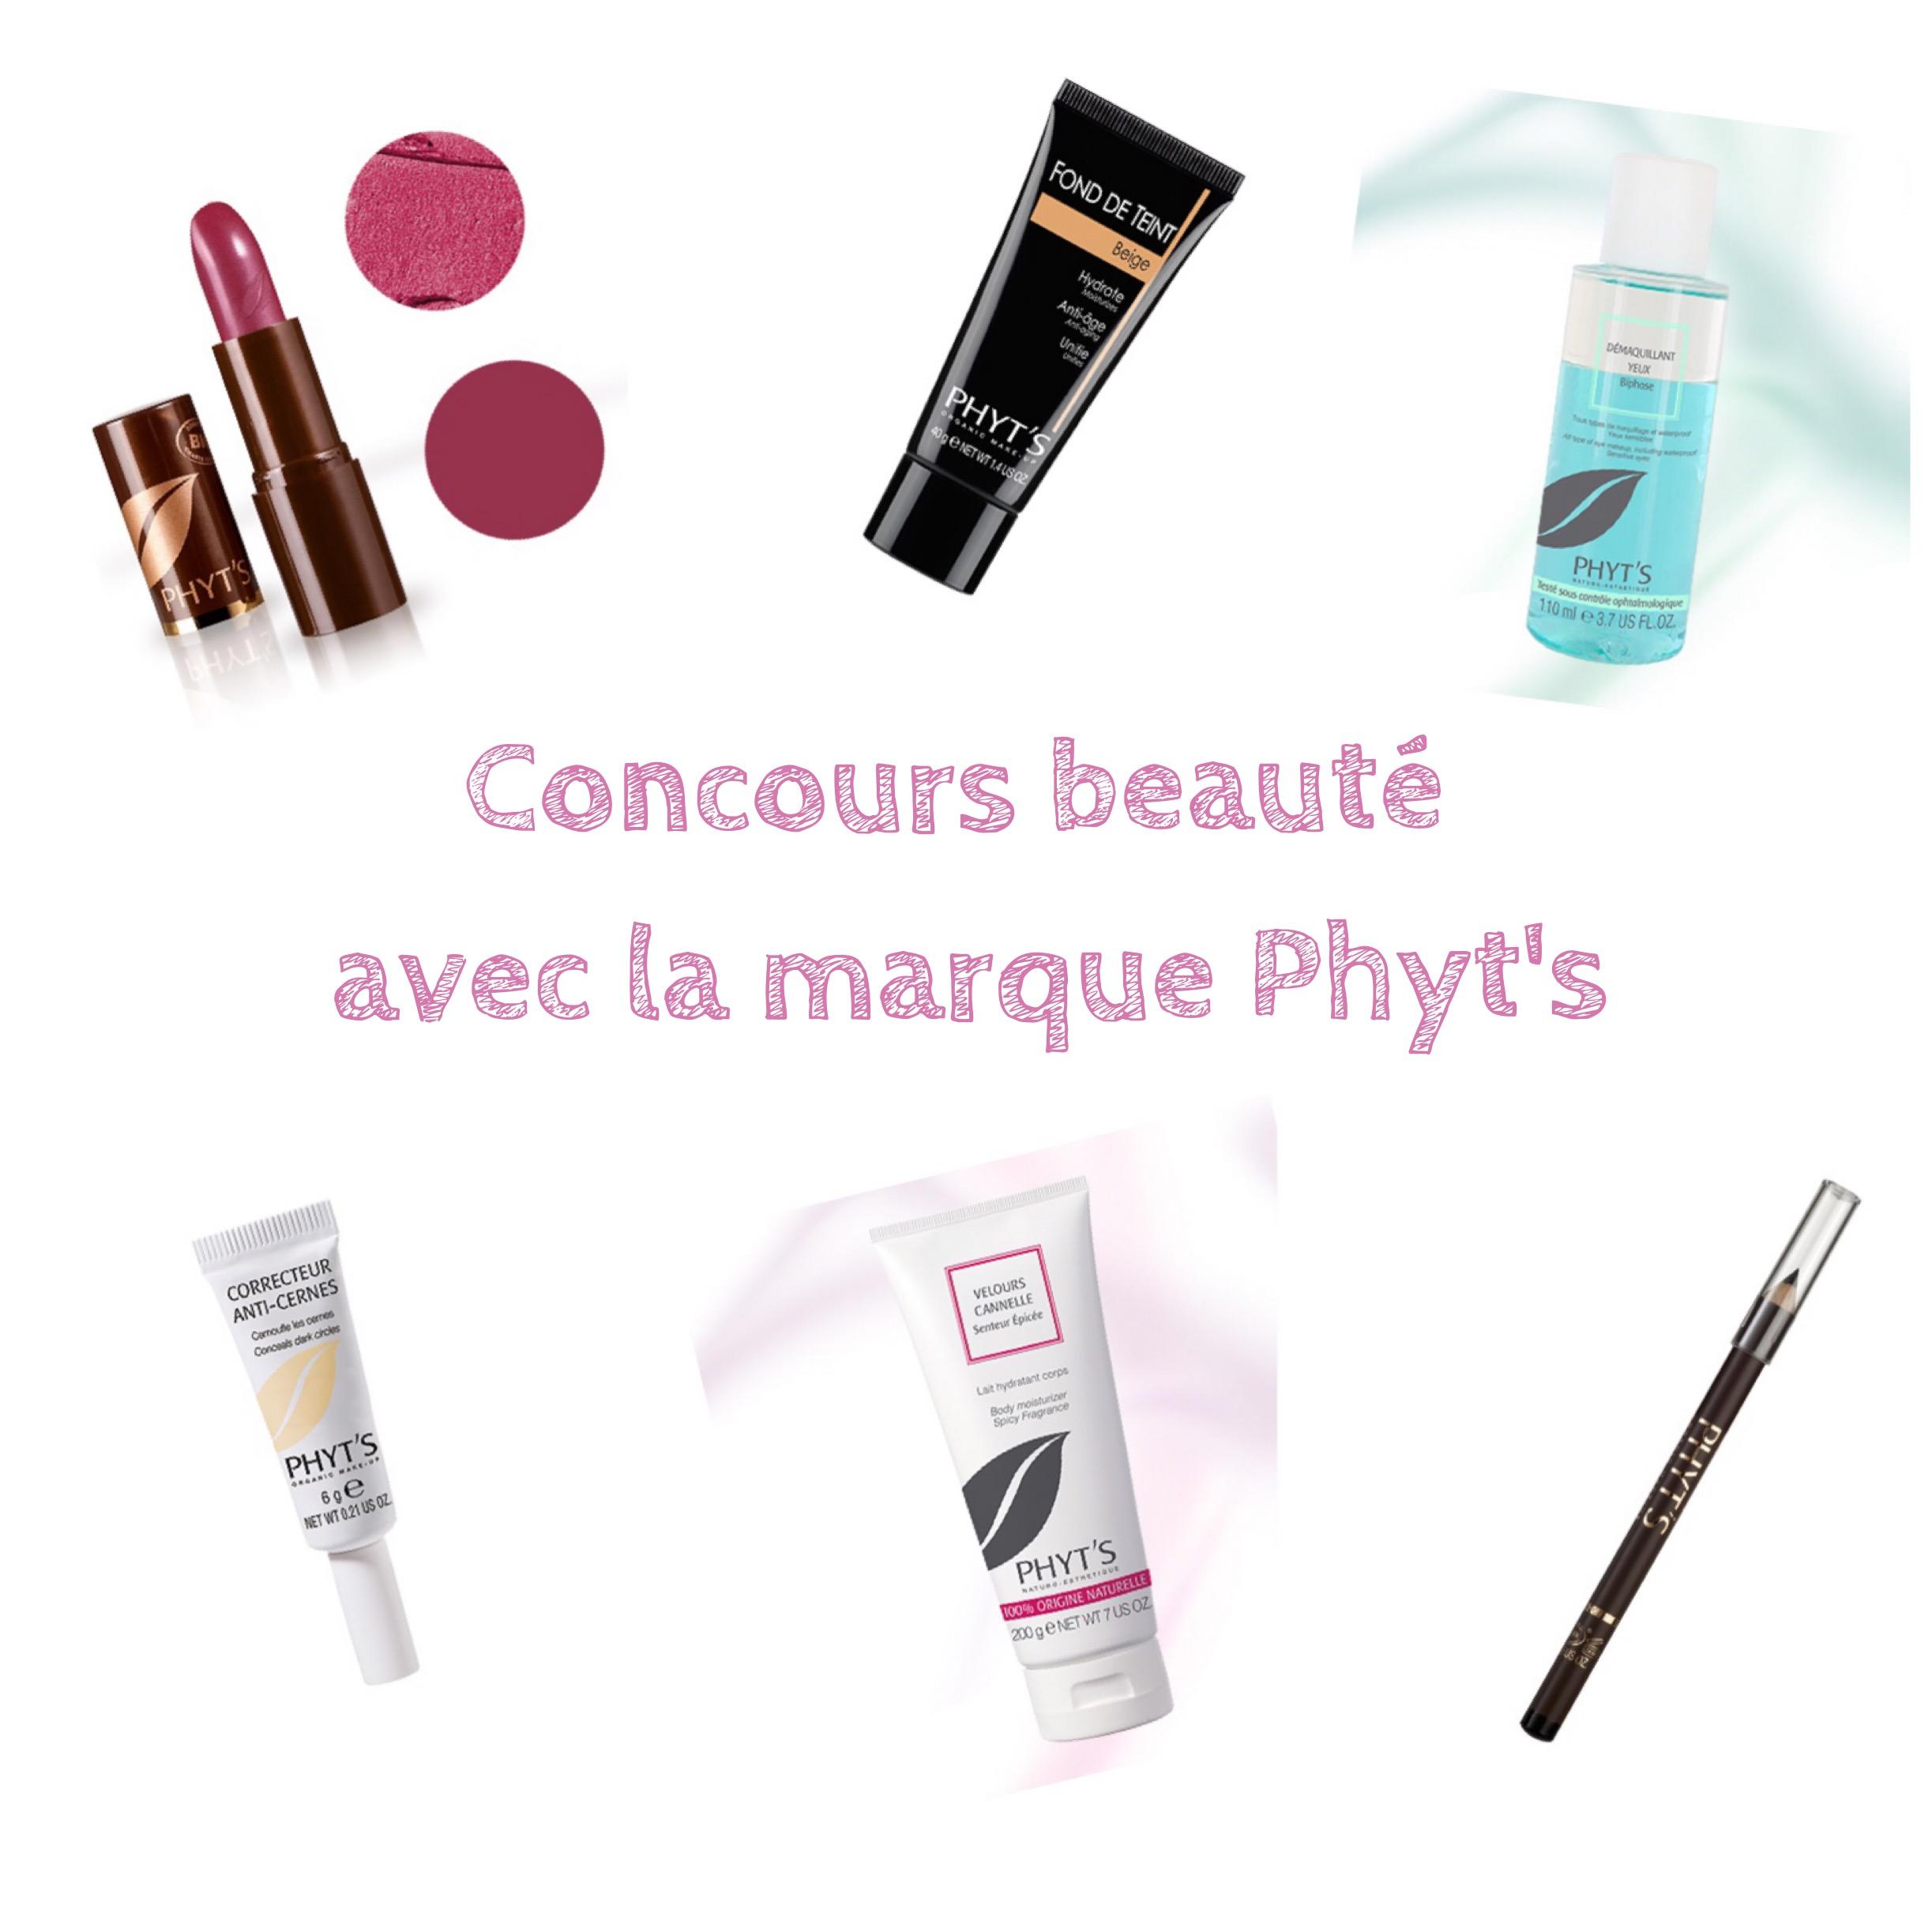 Grand concours beauté avec la marque Phyt's